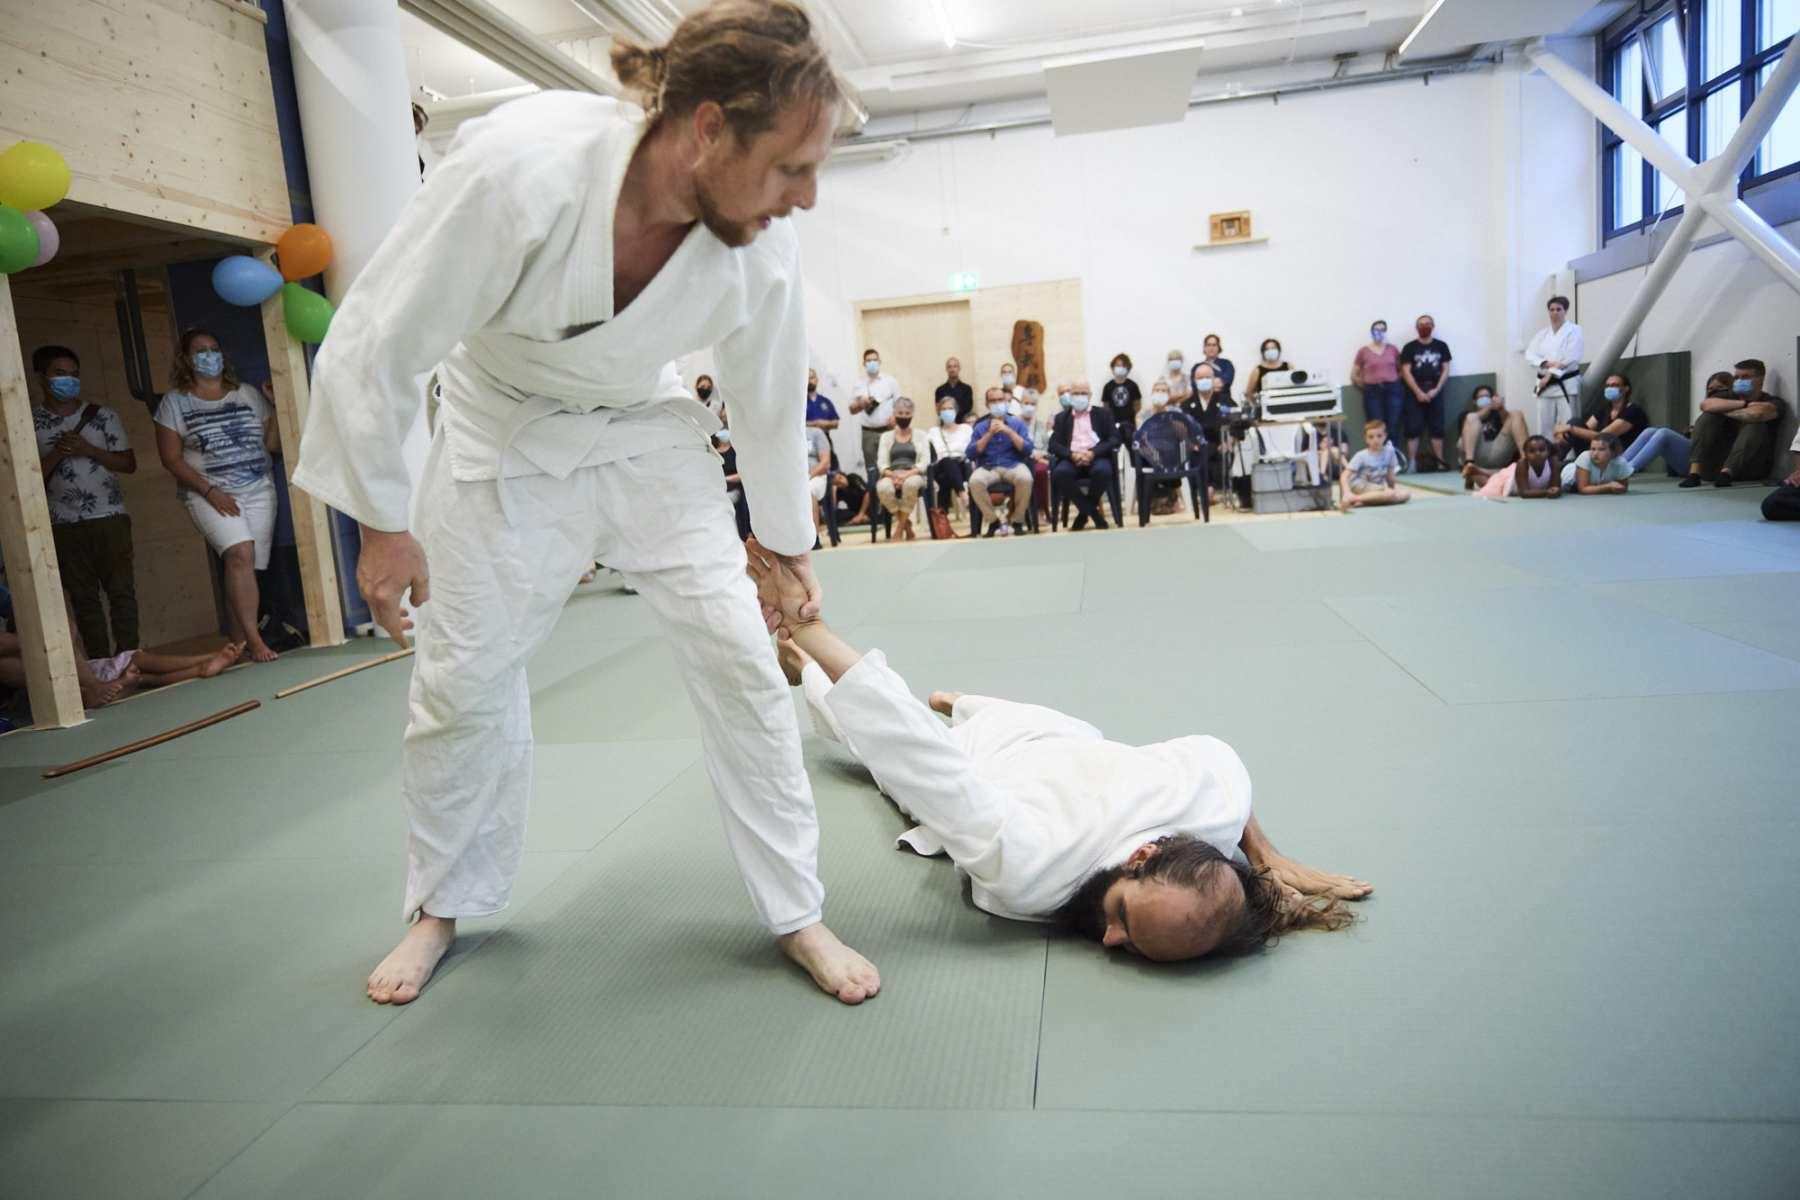 Schweiz, Kriens, Eröffnungsfest der Kendo- und Karateschule Senbukan - Budoschule Luzern. © Fabian Biasio 5.9.2020